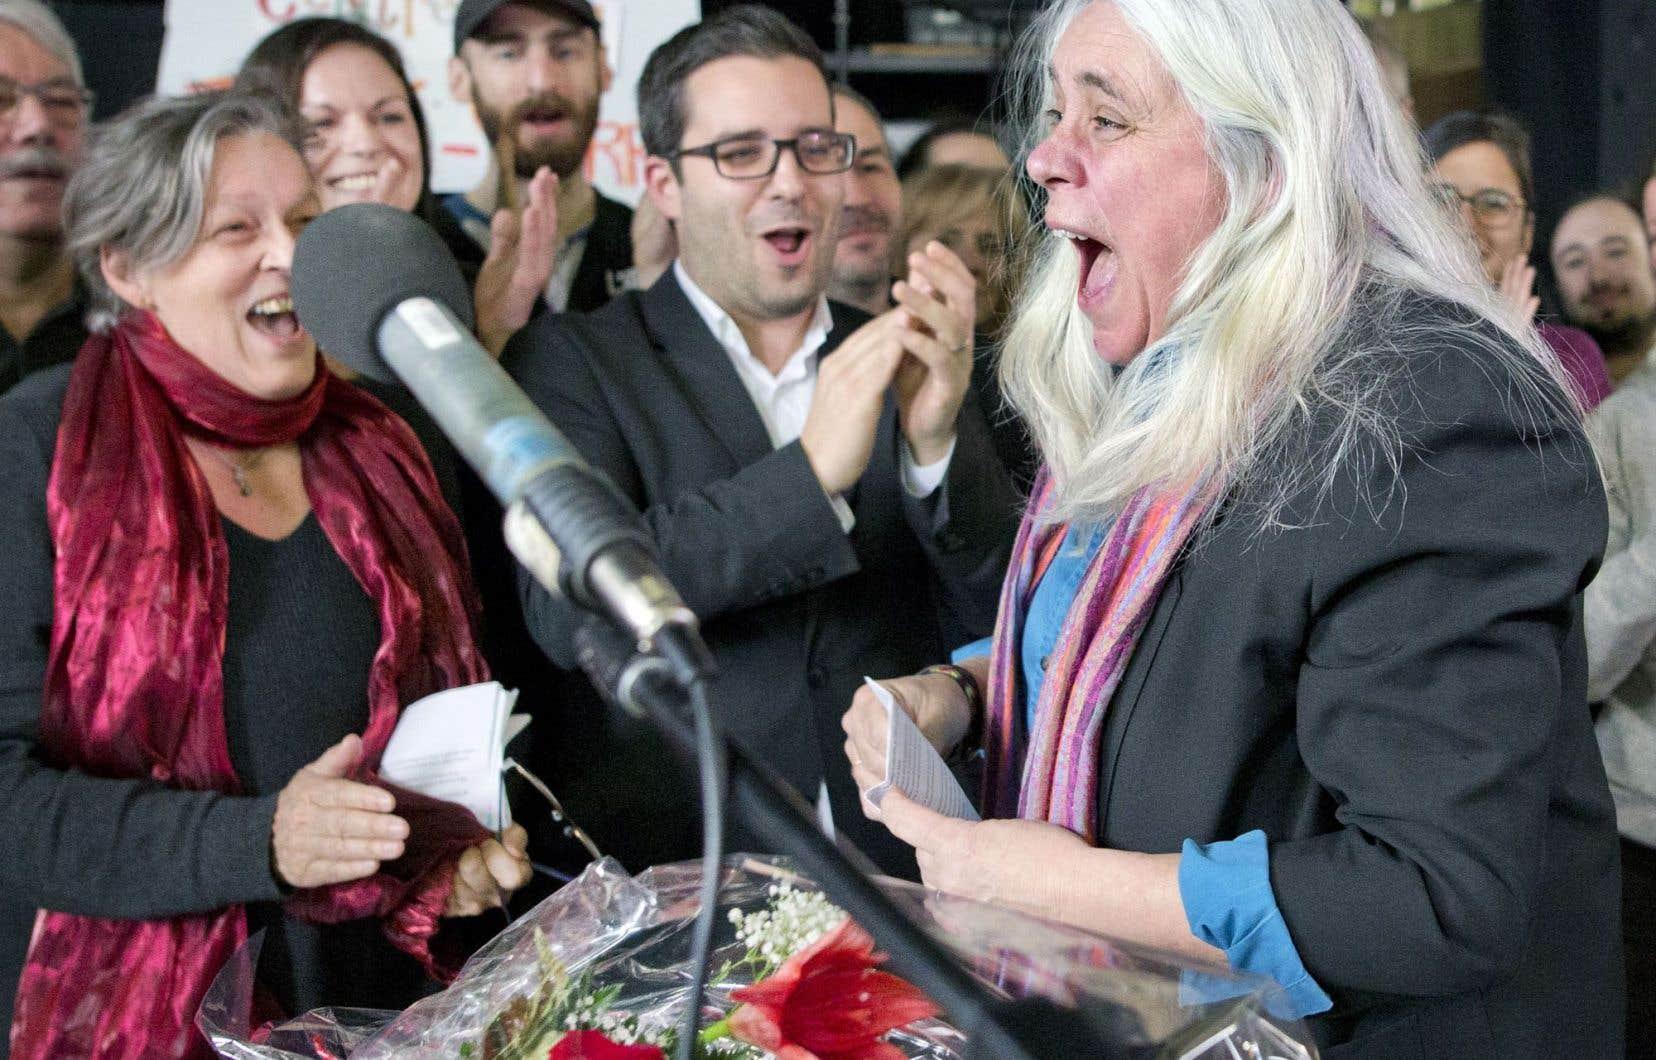 Manon Massé a manifesté sa joie de voir la Commission de la représentation électorale changer son fusil d'épaule et maintenir intacte la circonscription qu'elle représente.